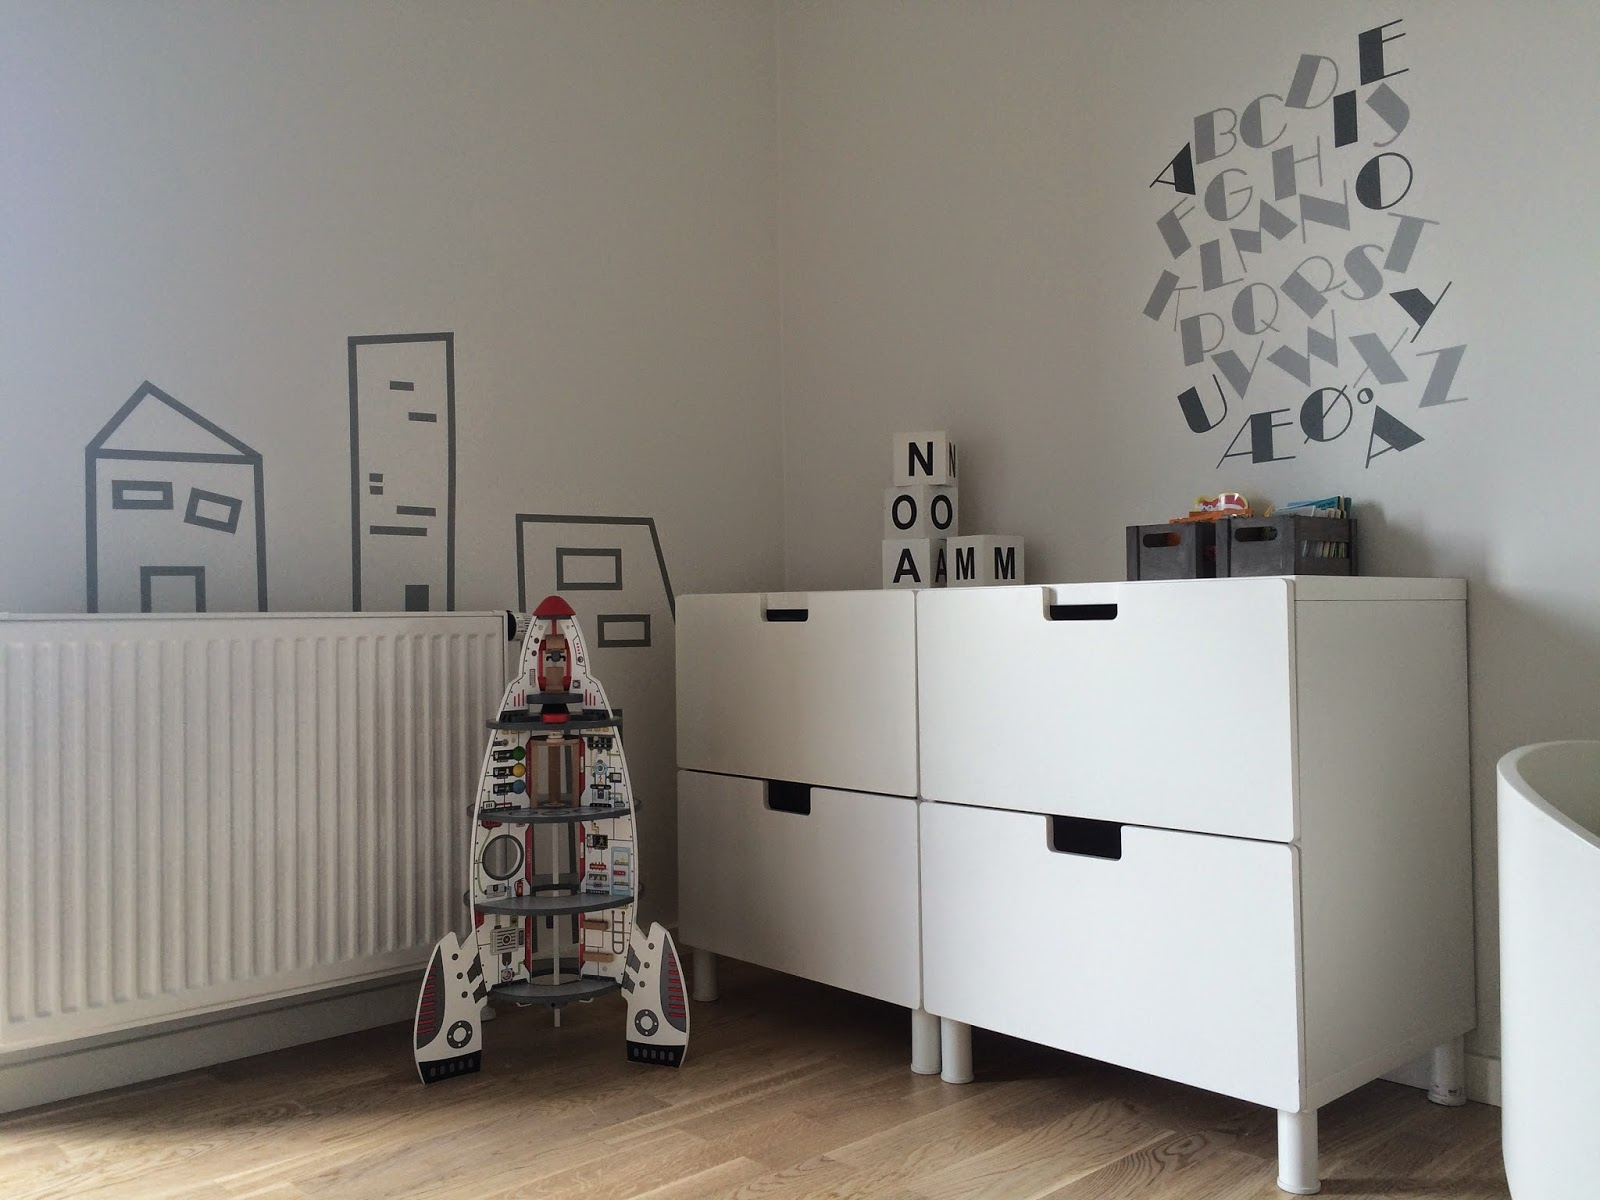 Schlafzimmer Planer Online Ikea: IKEA Planning Tools. Top ...